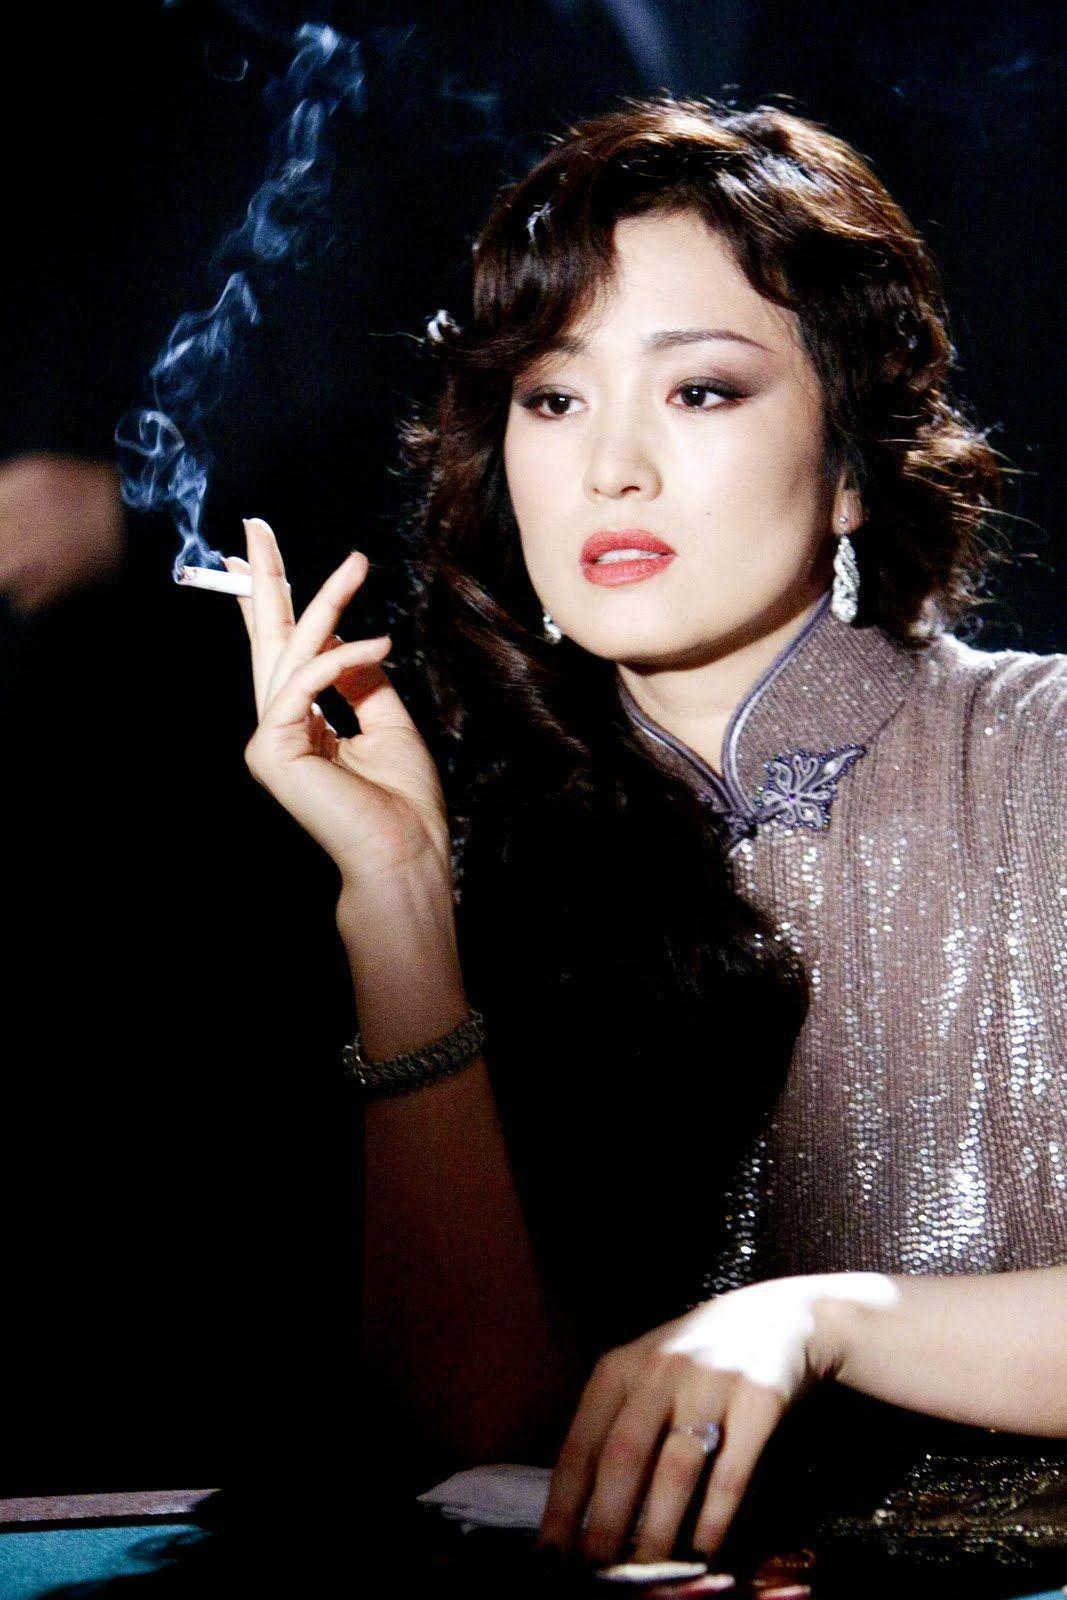 best of Smoking Asian fetish girl